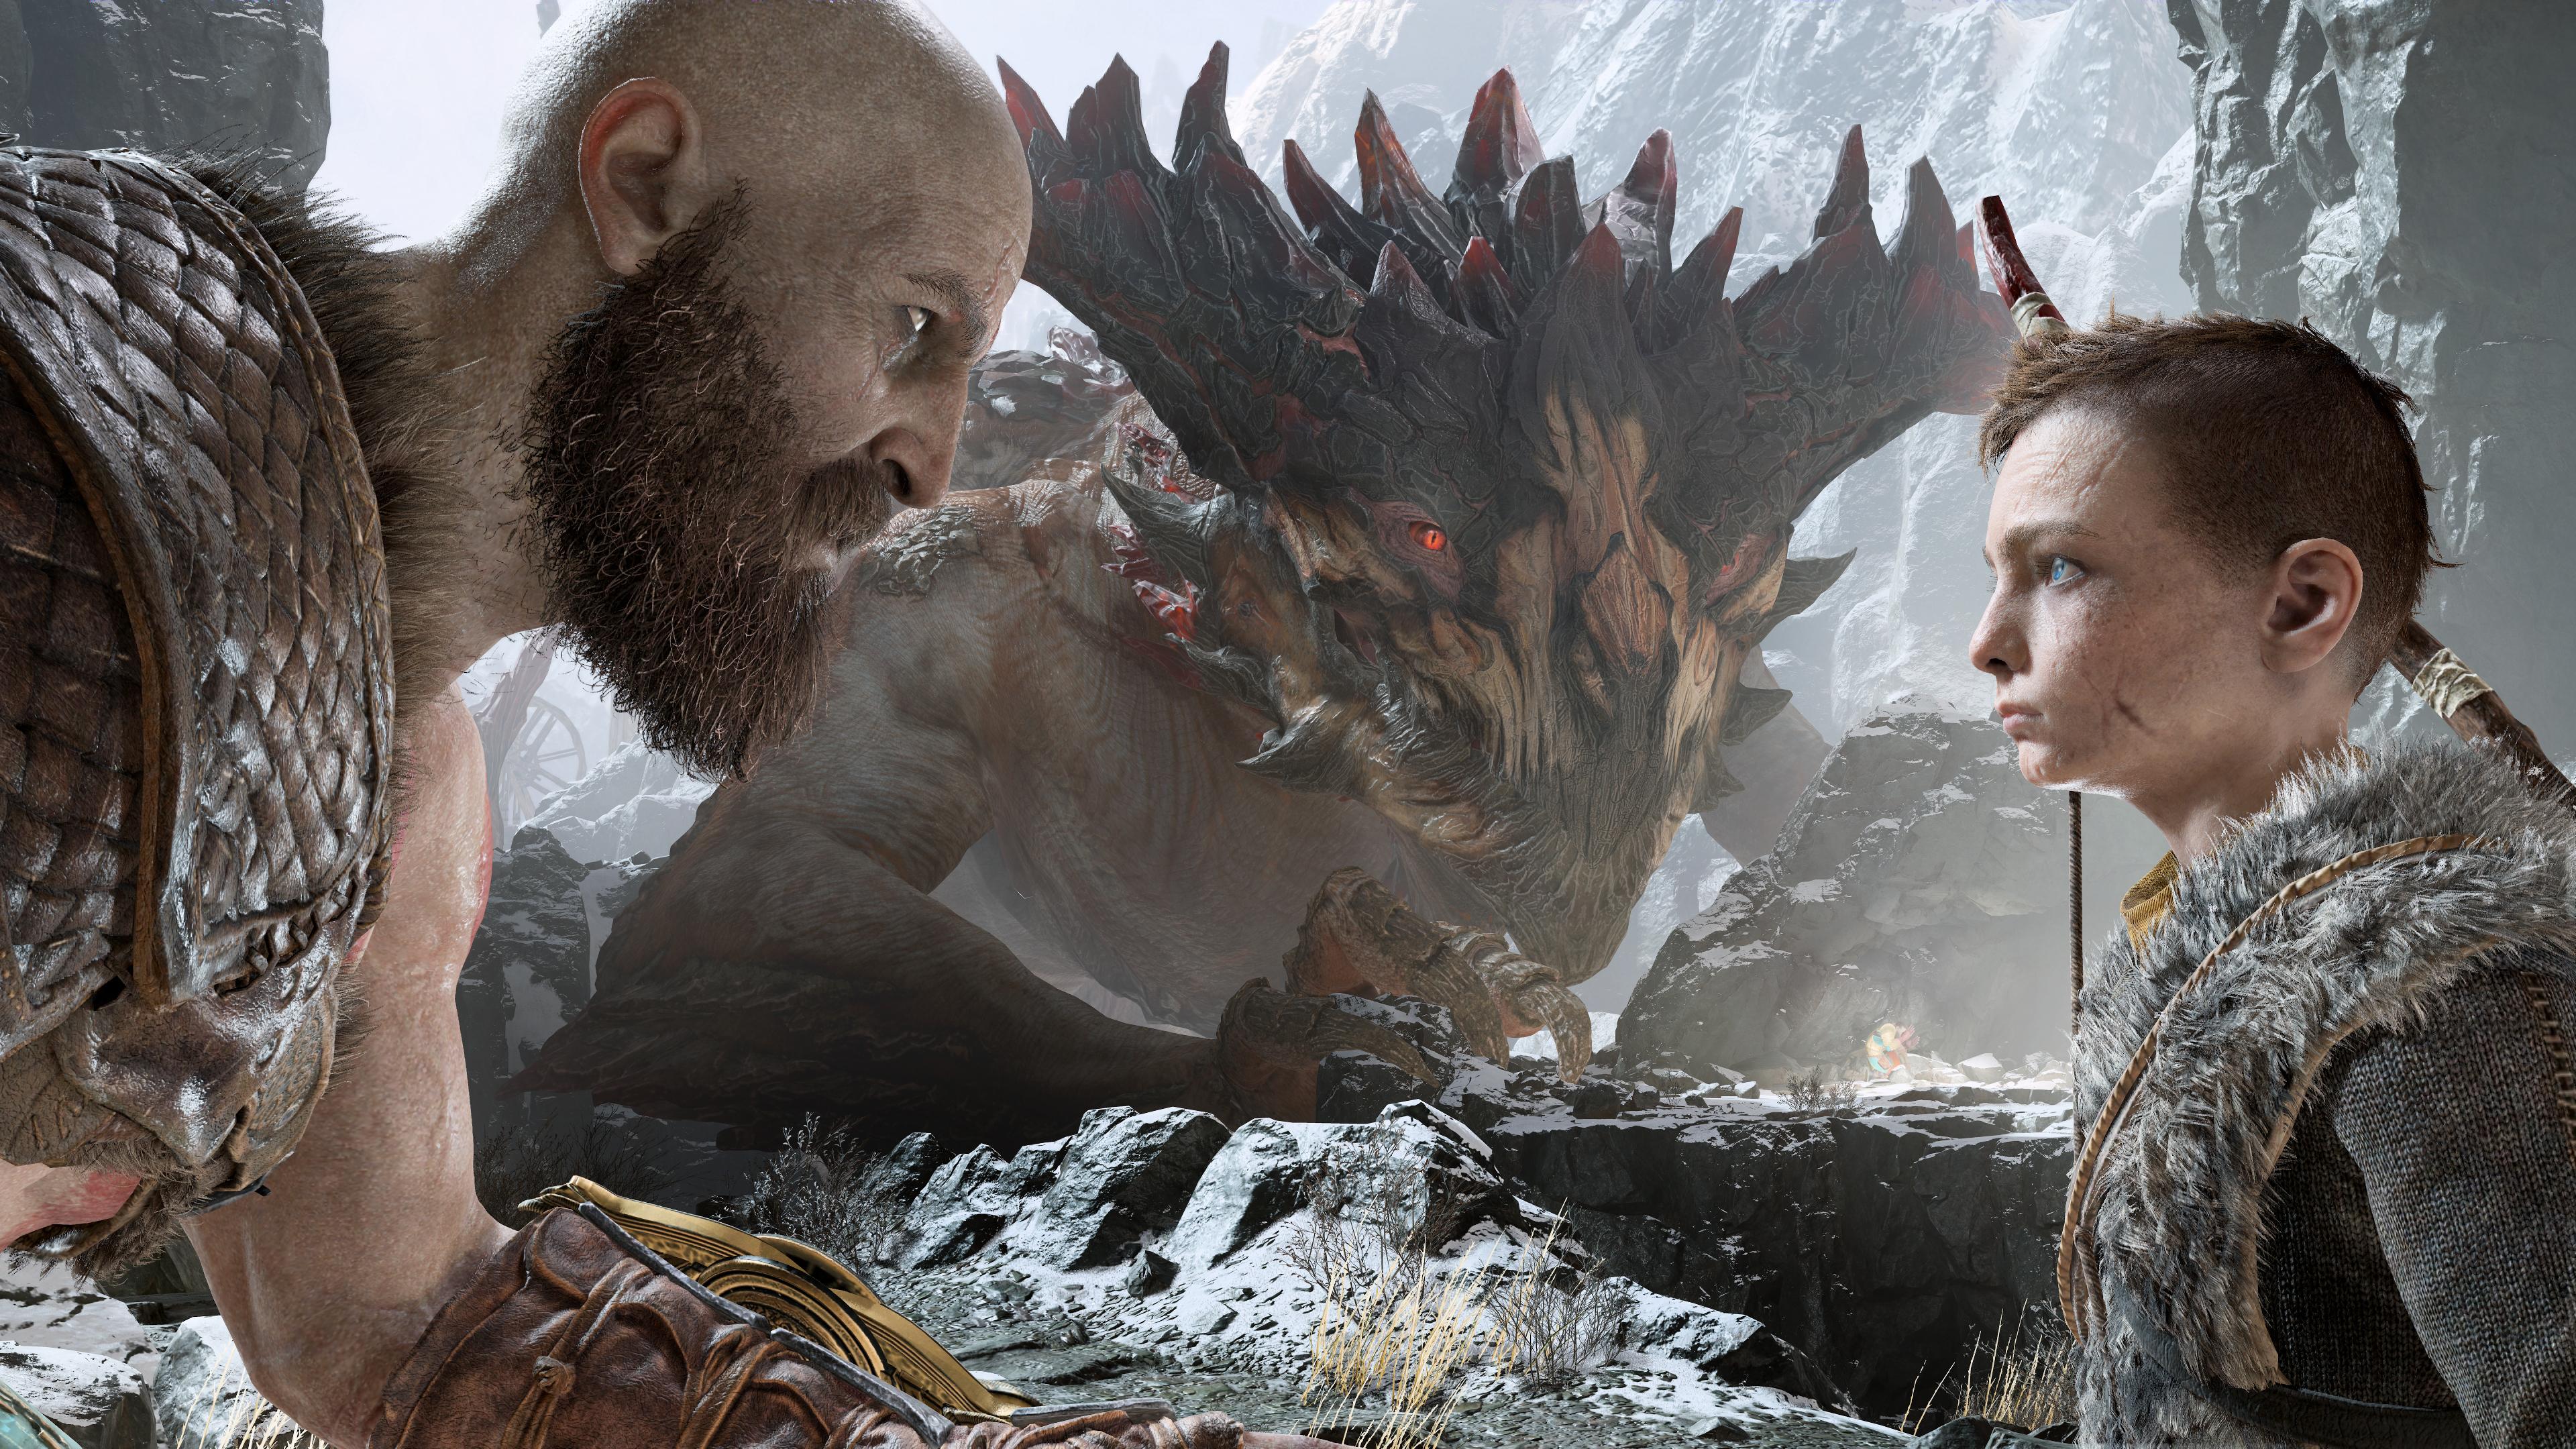 3840x2160 Kratos And Atreus God Of War 4 4k 4k Hd 4k